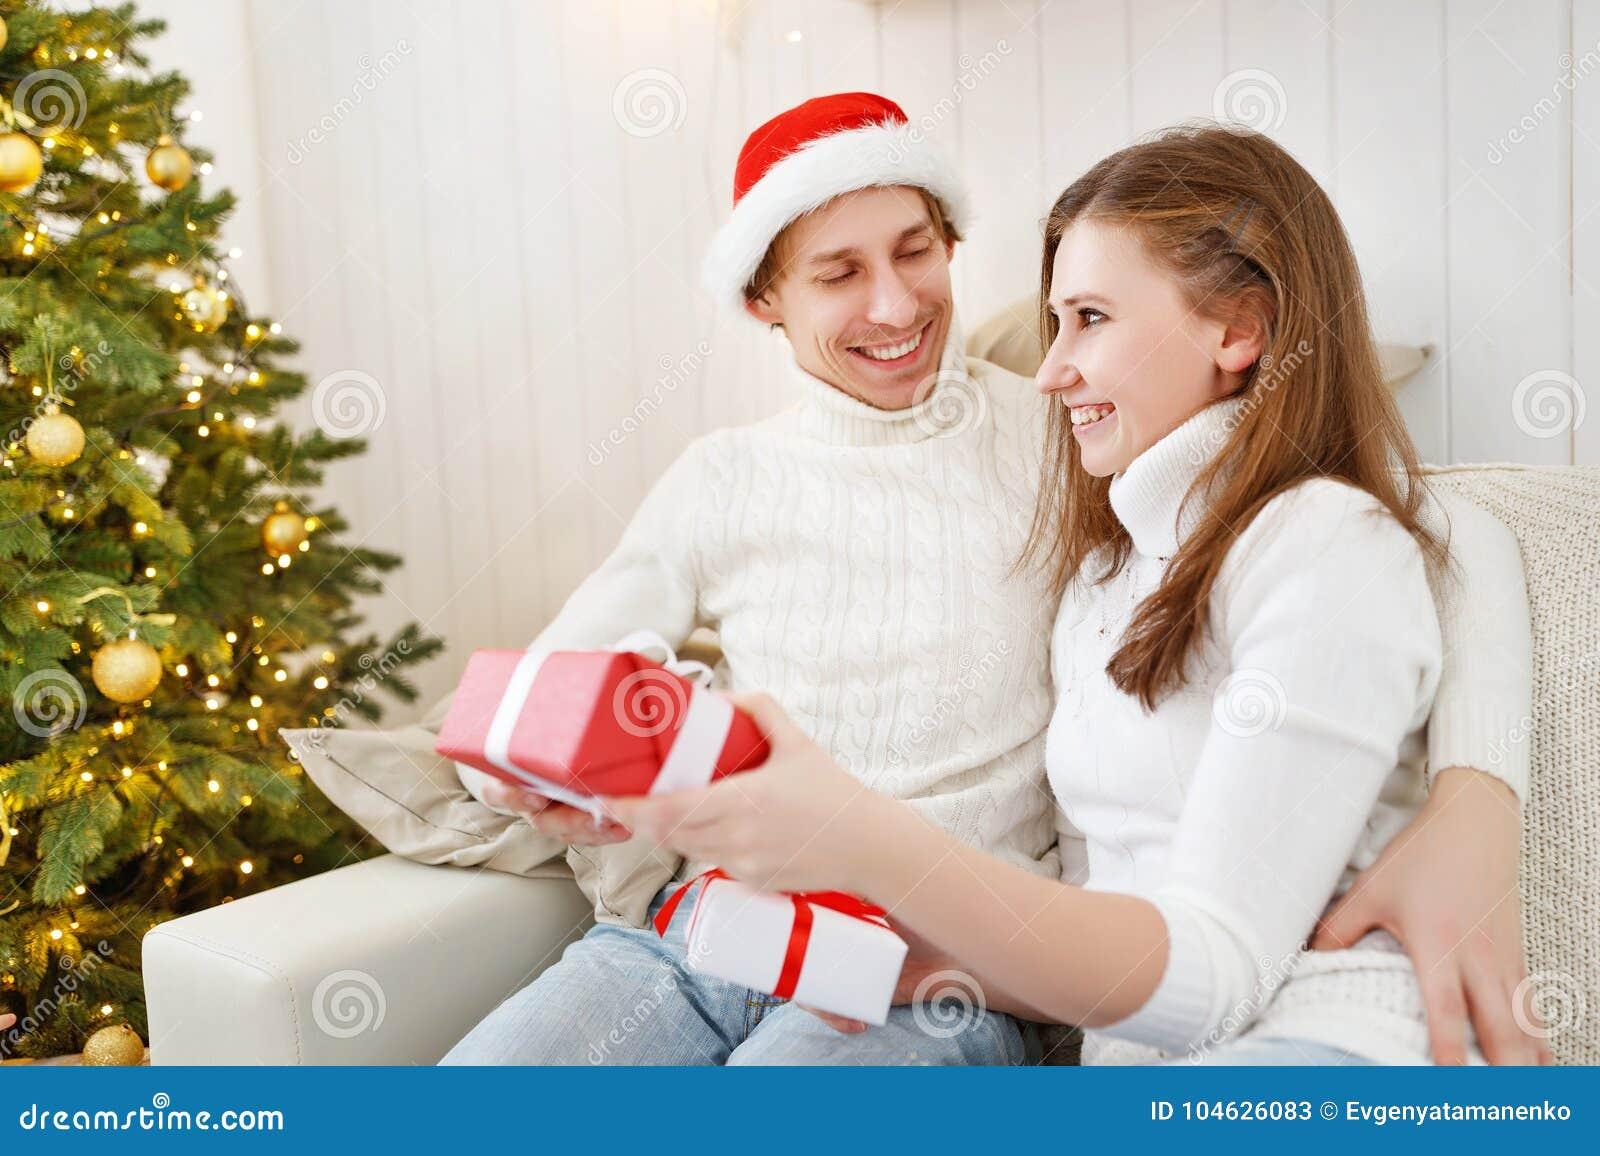 Download Vrolijke Kerstmis! Familiepaar Met Magische Kerstmisgift Stock Afbeelding - Afbeelding bestaande uit kaukasisch, levensstijl: 104626083